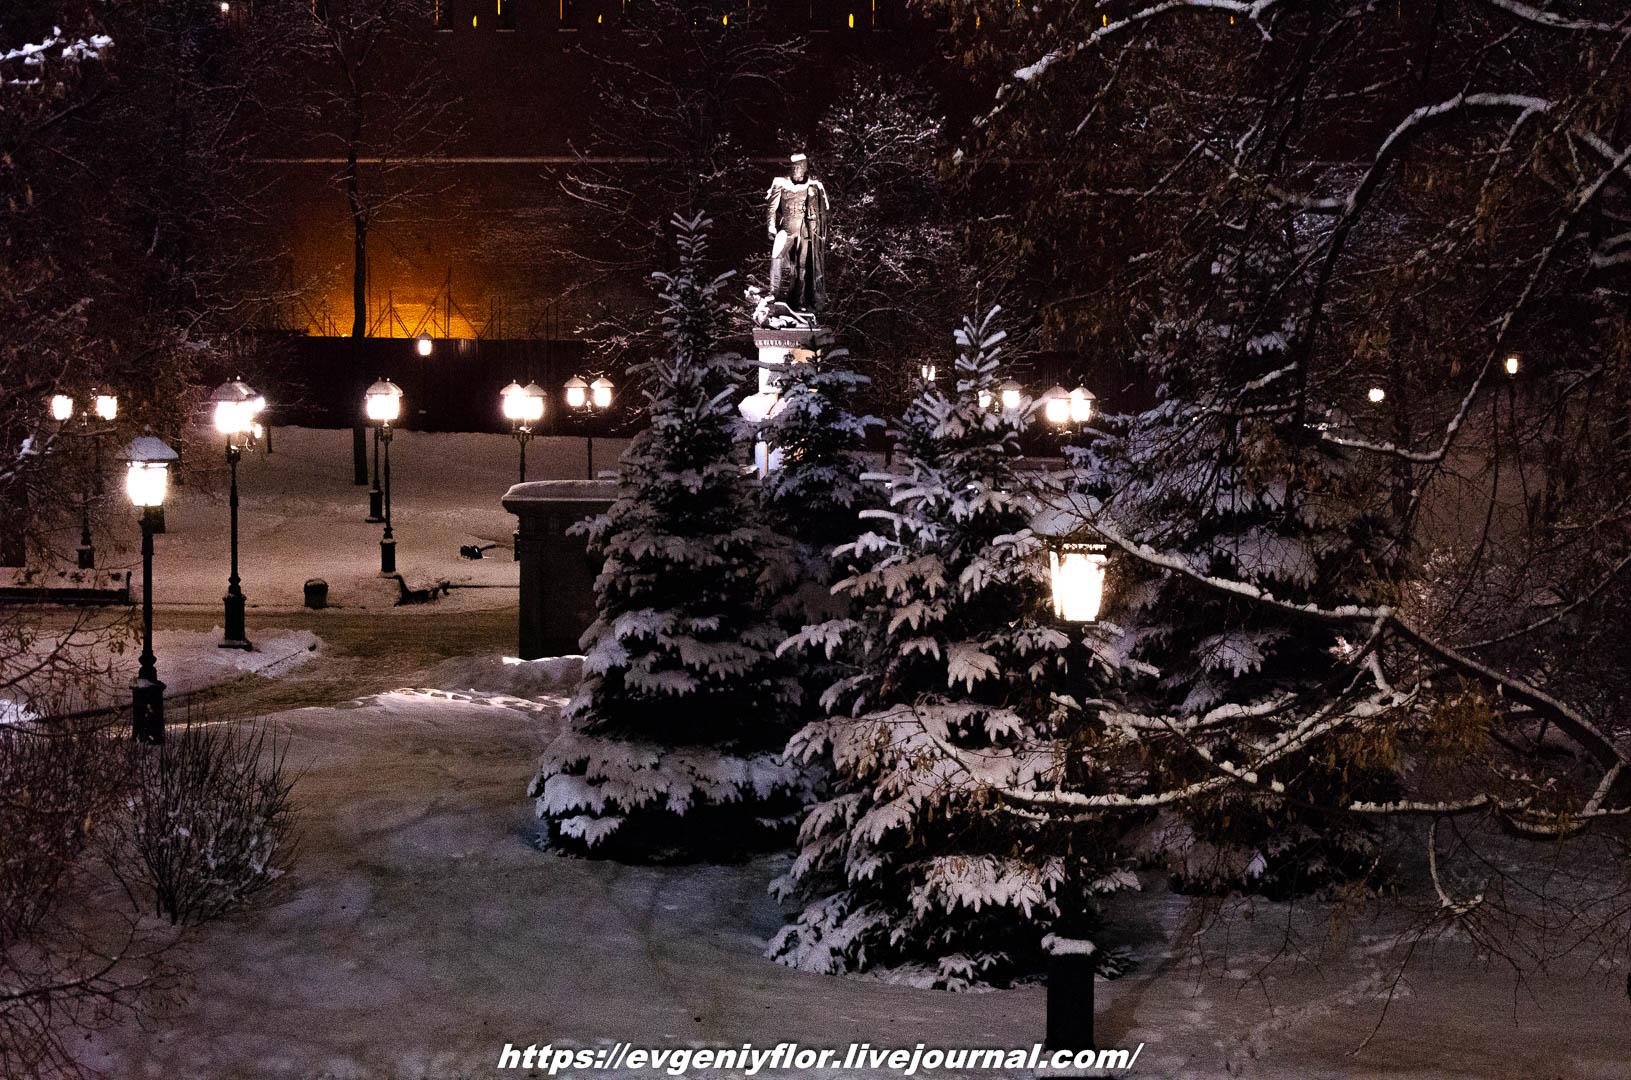 Вечерняя прогулка после снегопада    13 02 - 2019 Среда !Новая папка (2)6783.jpg